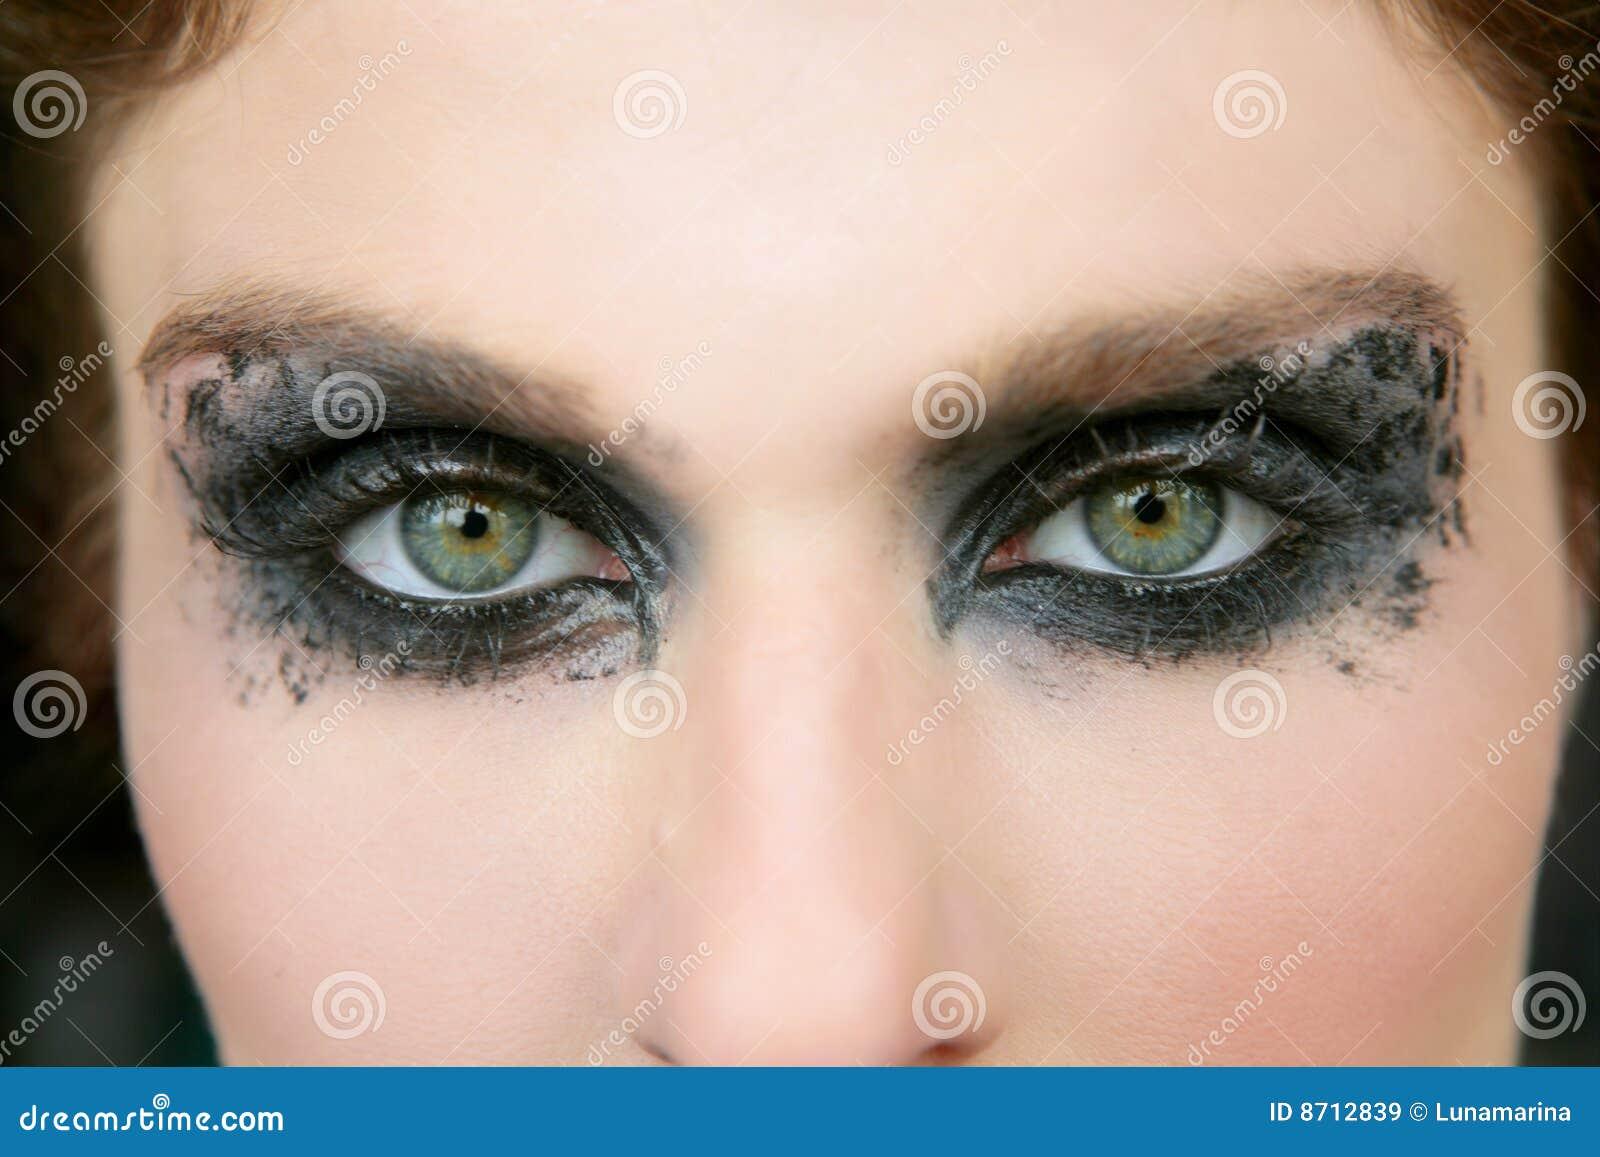 femme de yeux verts ombre d 39 oeil noire de renivellement images libres de droits image 8712839. Black Bedroom Furniture Sets. Home Design Ideas